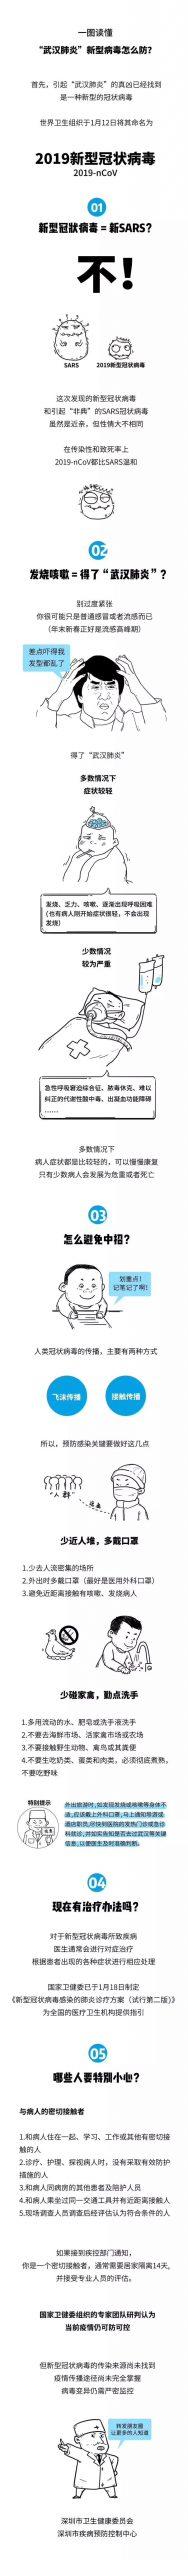 注意了!广东首例输入性新型冠状病毒肺炎!机场、车站启动体温监测!插图14